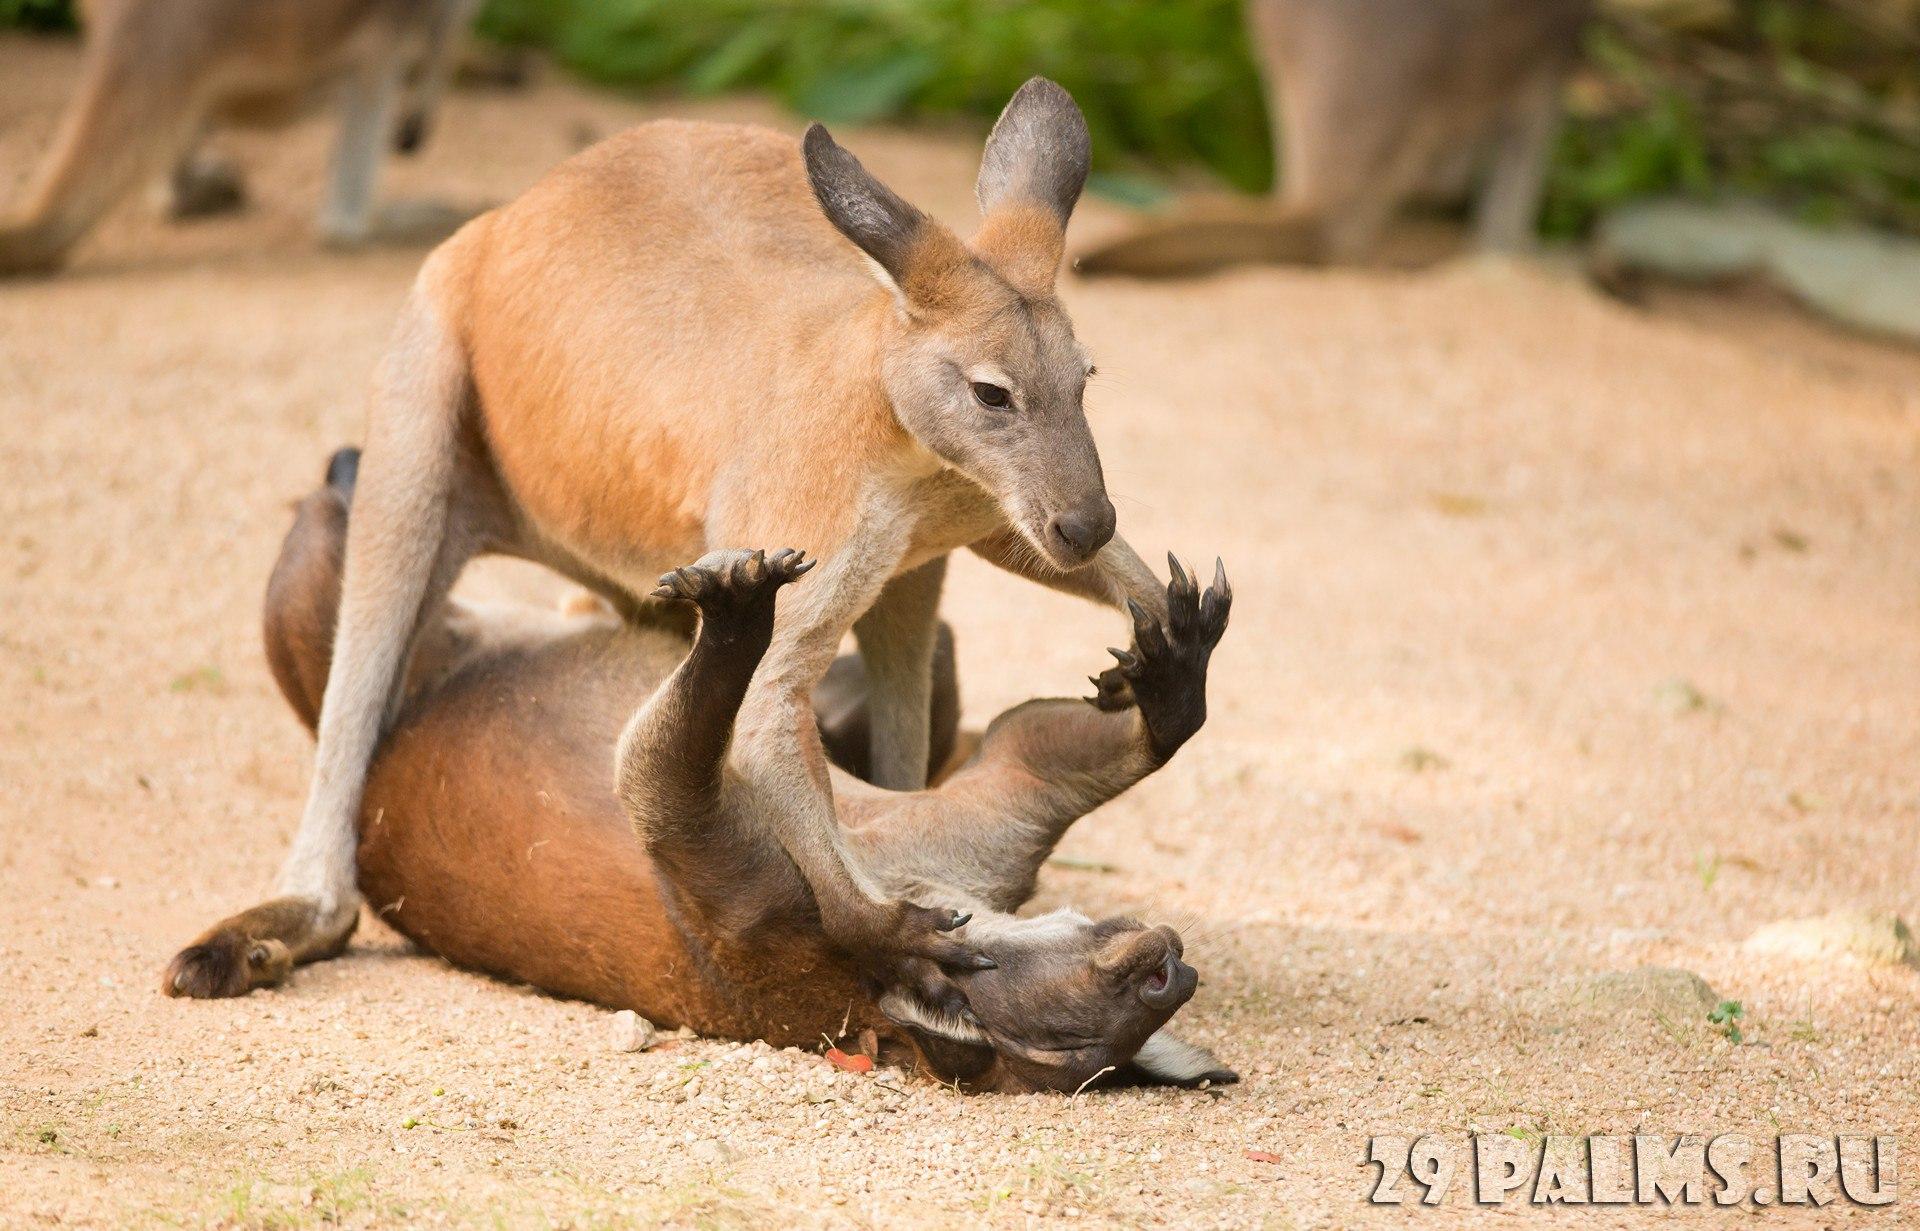 Секс с кенгуру онлайн, Кенгуру секс. Смотреть на сайте online 3 фотография